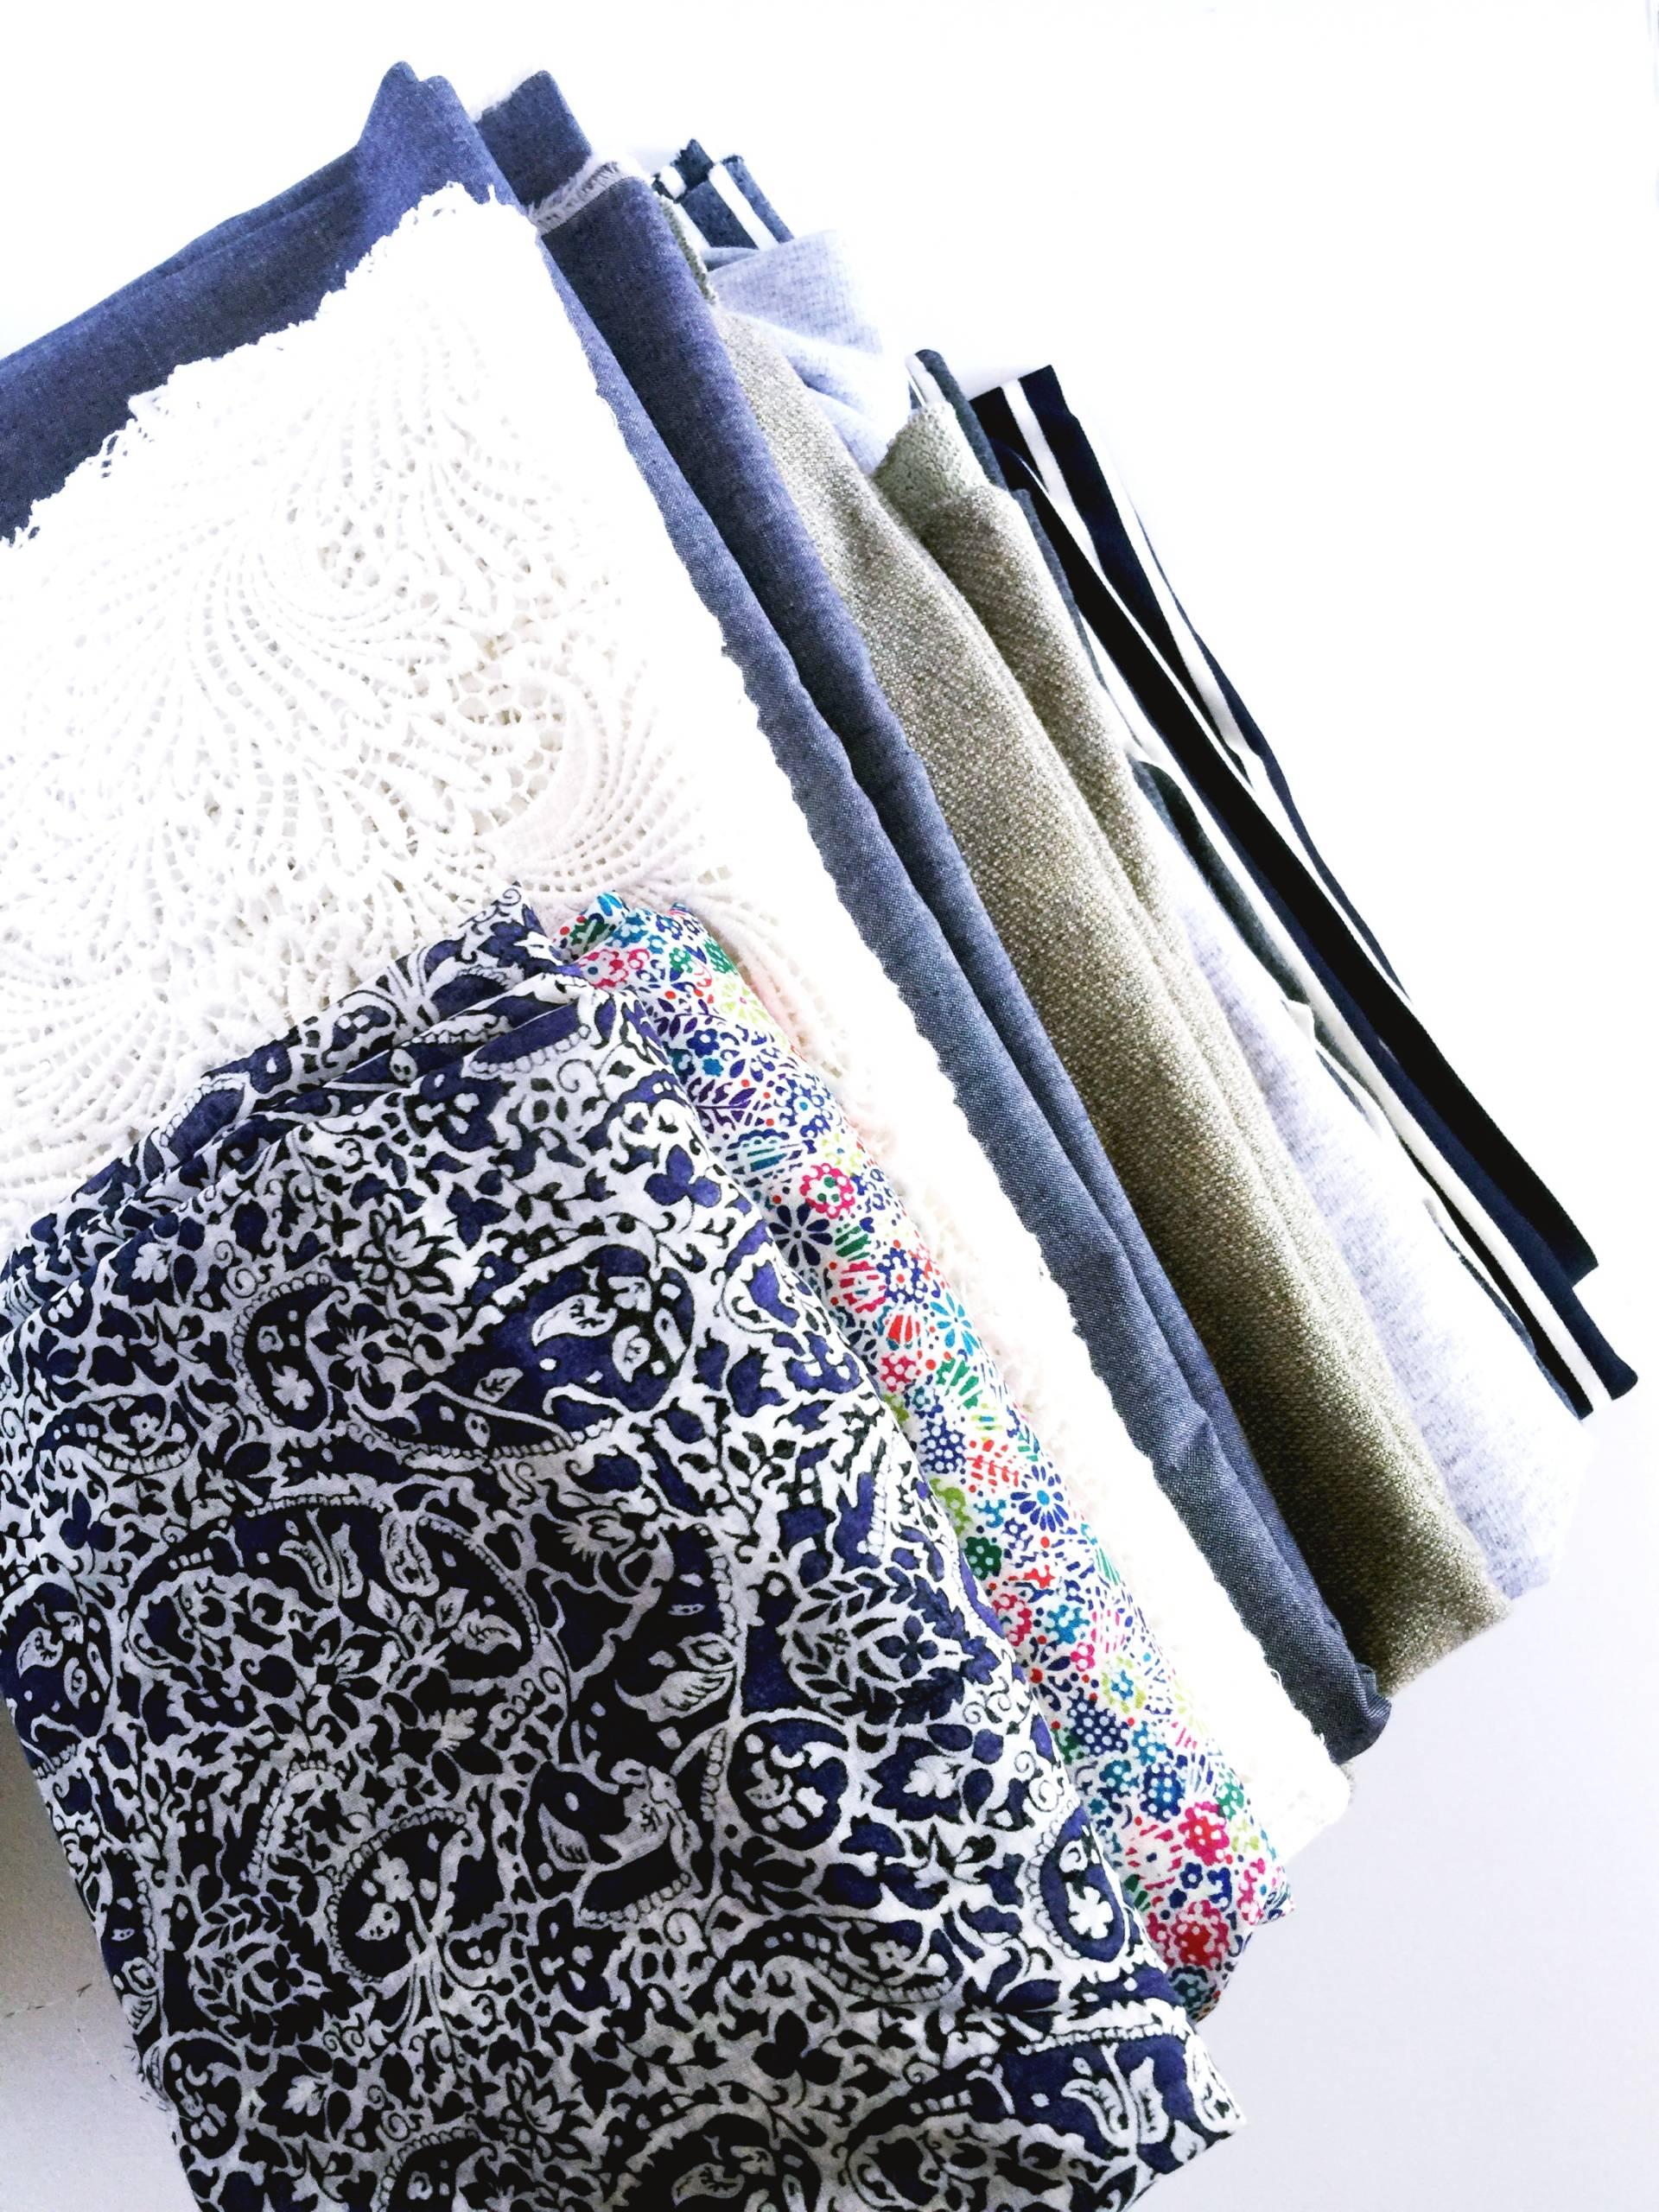 My tall stack of fabrics from Mood Fabrics NYC